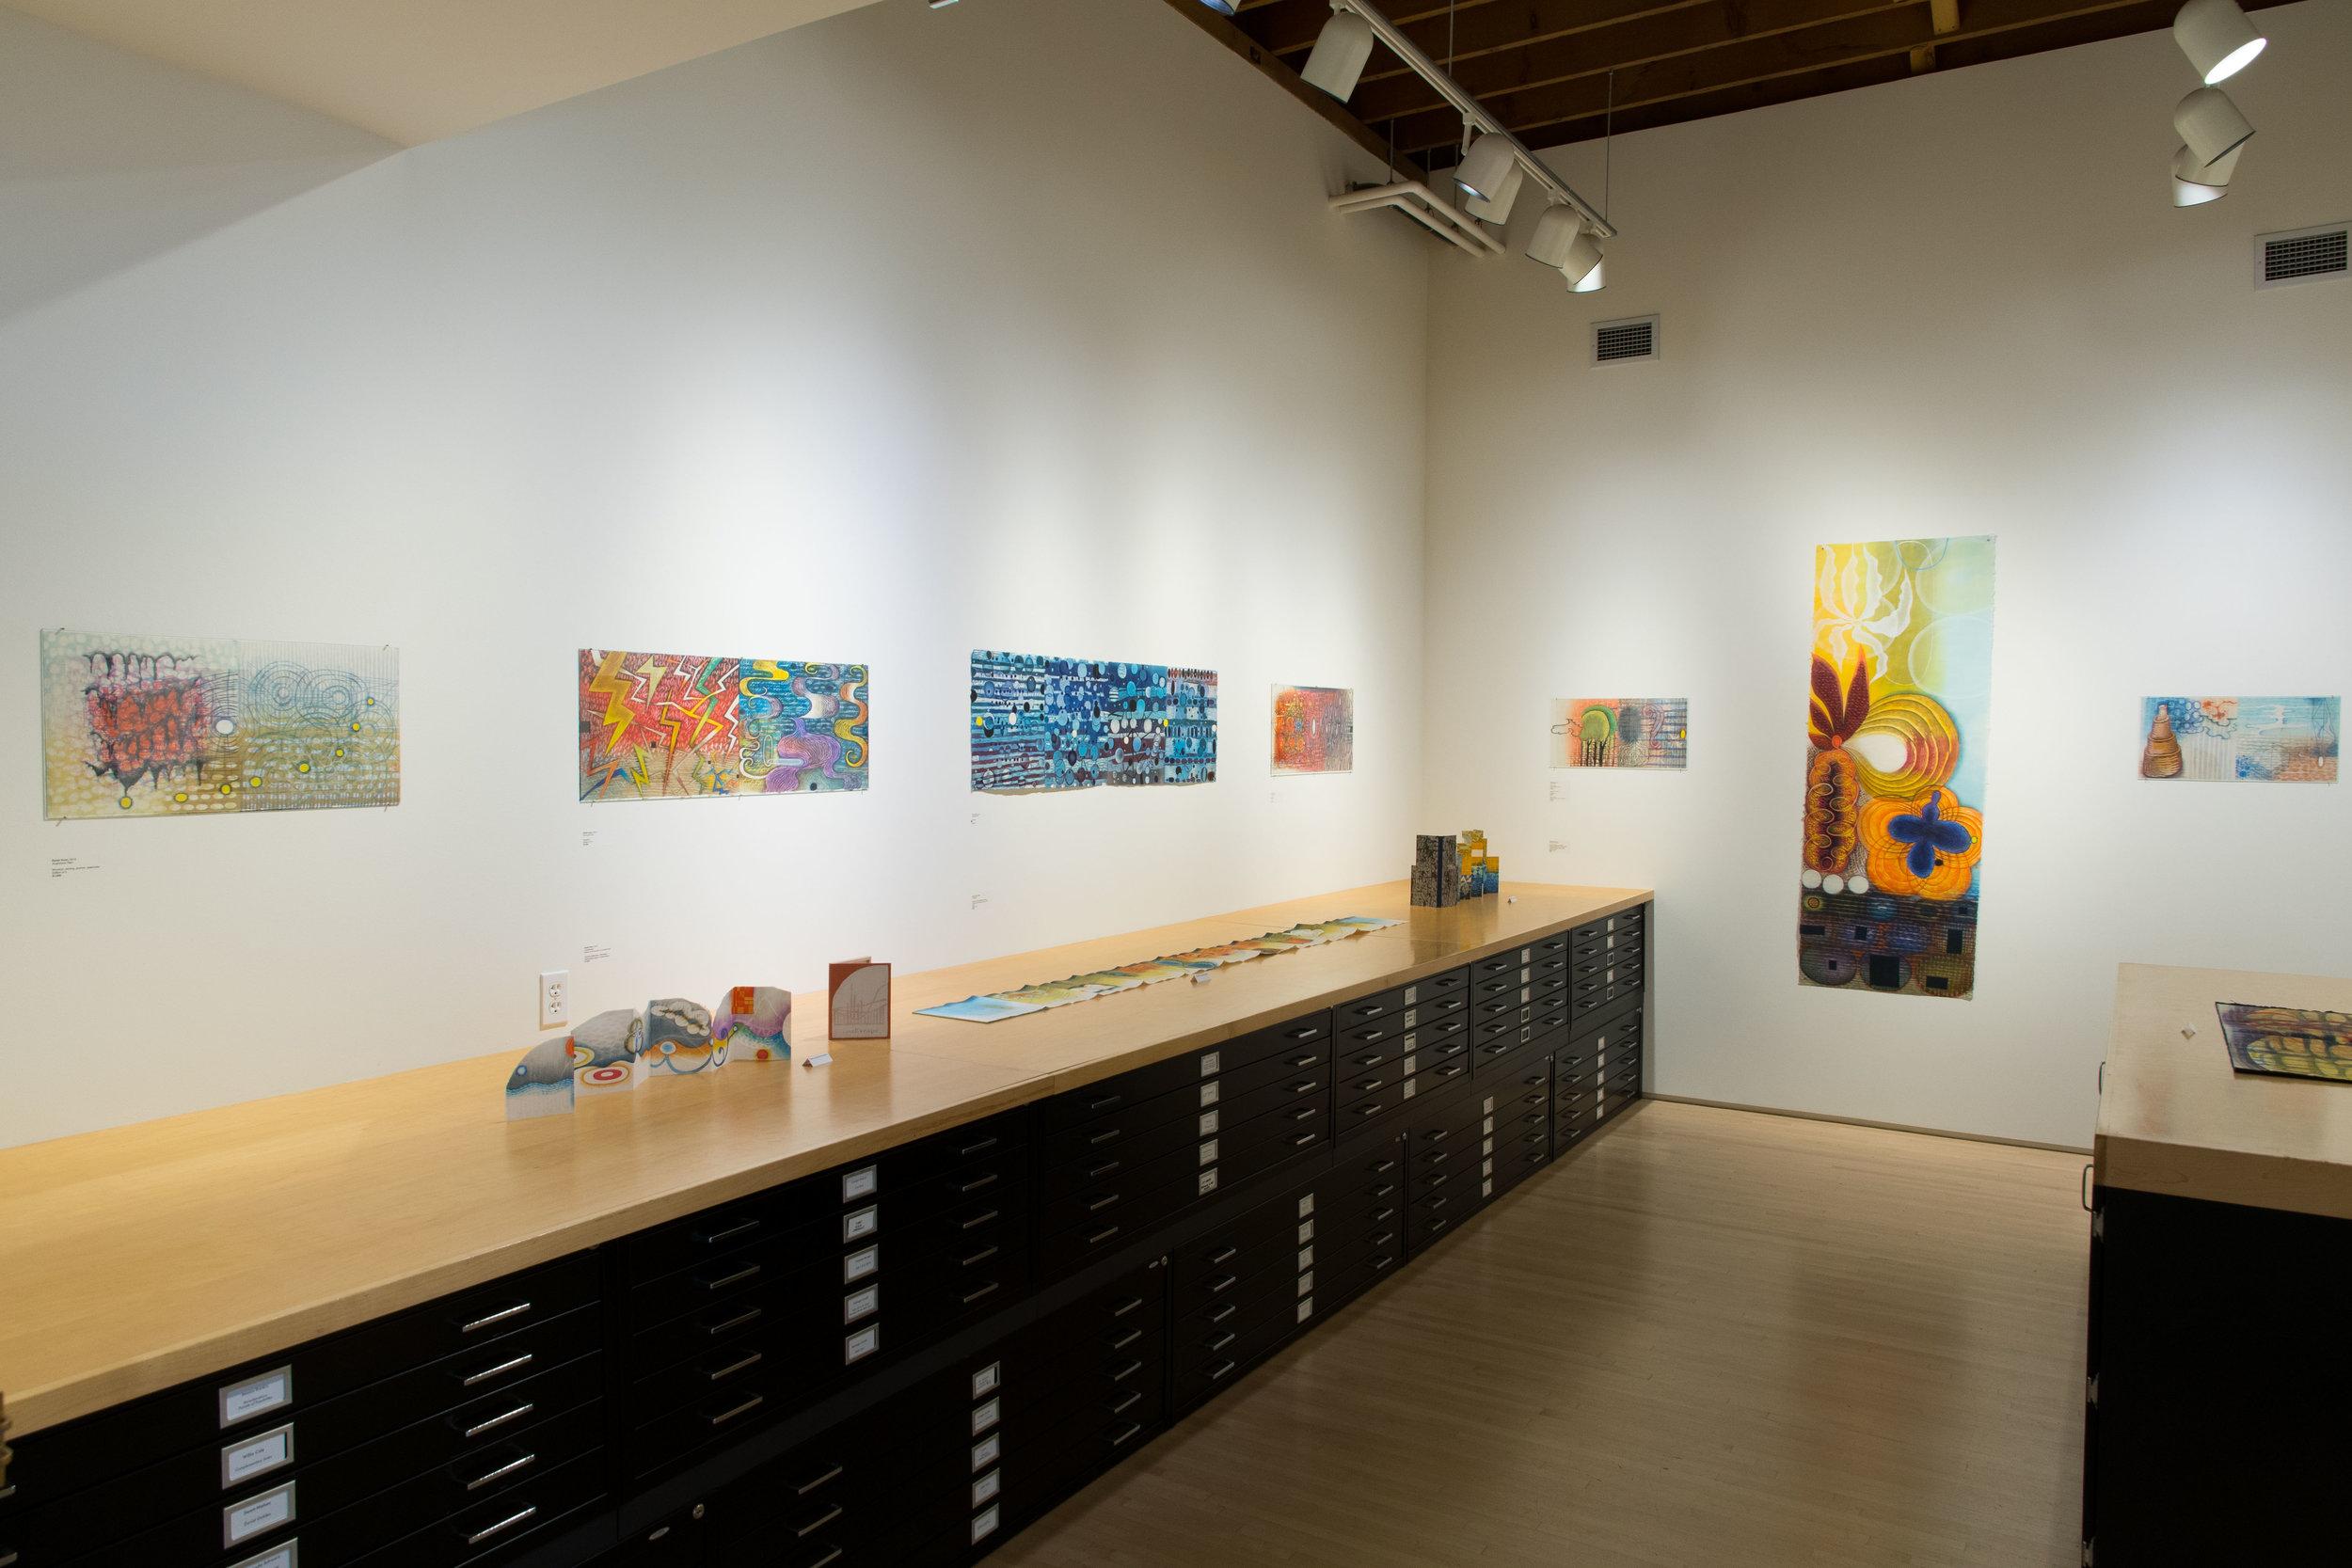 Highpoint ExhibitWeather by Karen Kunc190815a0048.JPG